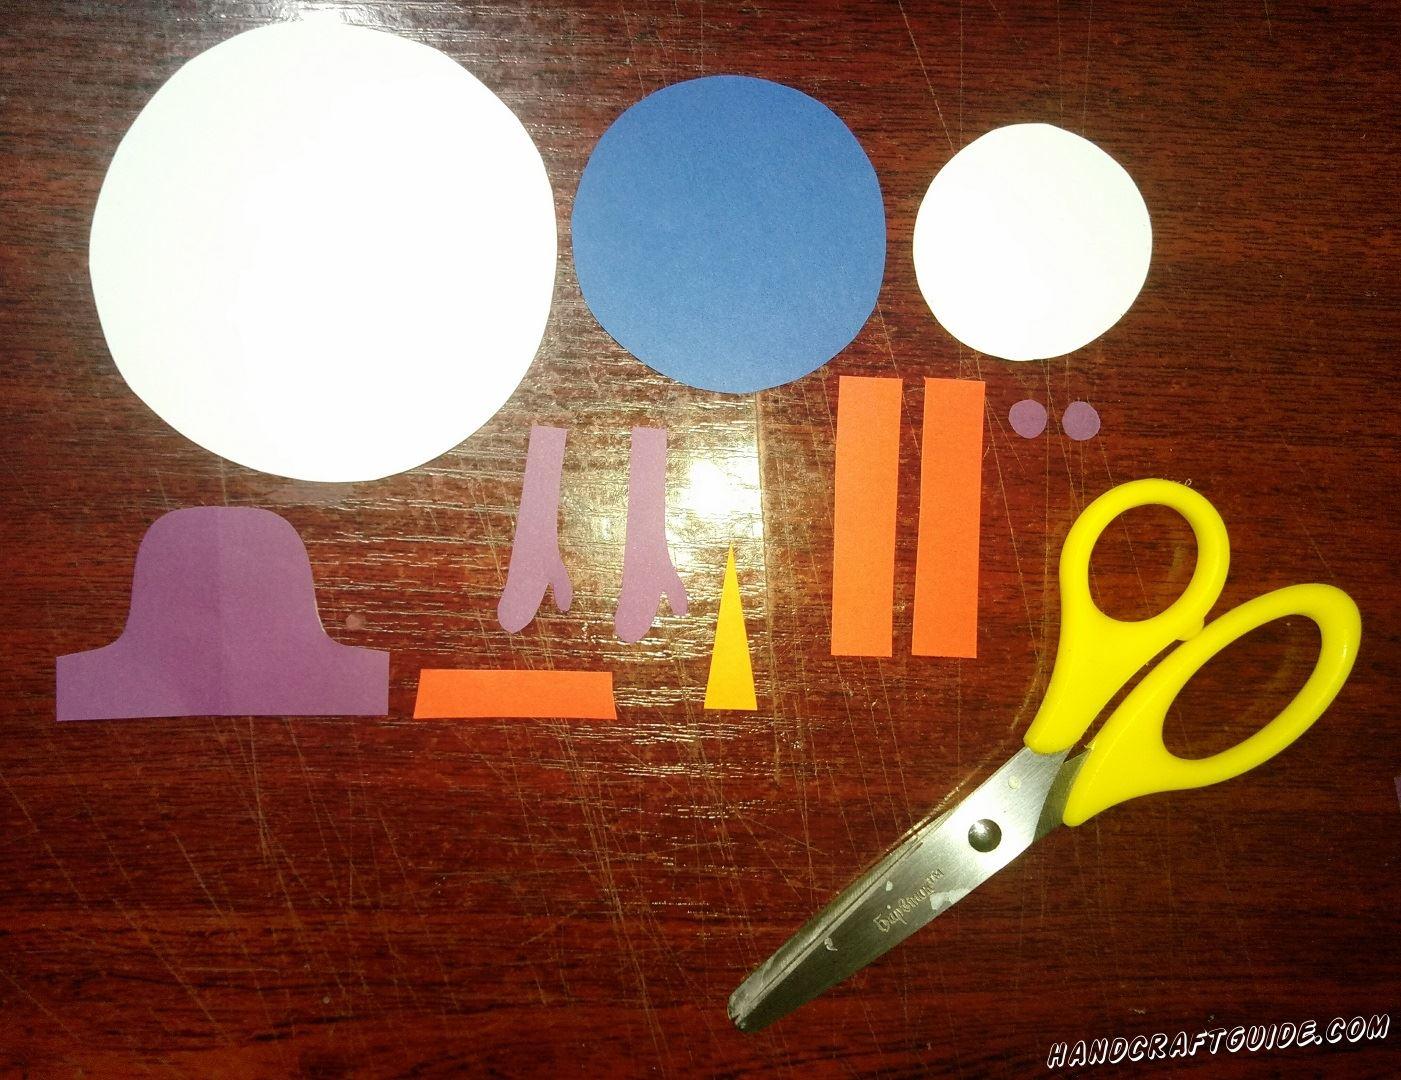 Для начала нам нужно вырезать из бумаги все необходимые фигурки: большой и малый круг белого цвета, средний круг синего цвета, фиолетовую шапочку, две ручки и глазки, желтый носик. Осталось только вырезать две одинаковые короткие полоски и бумажную ленточку на шляпу красного цвета. Теперь смело начинаем склеивать наши фигурки.